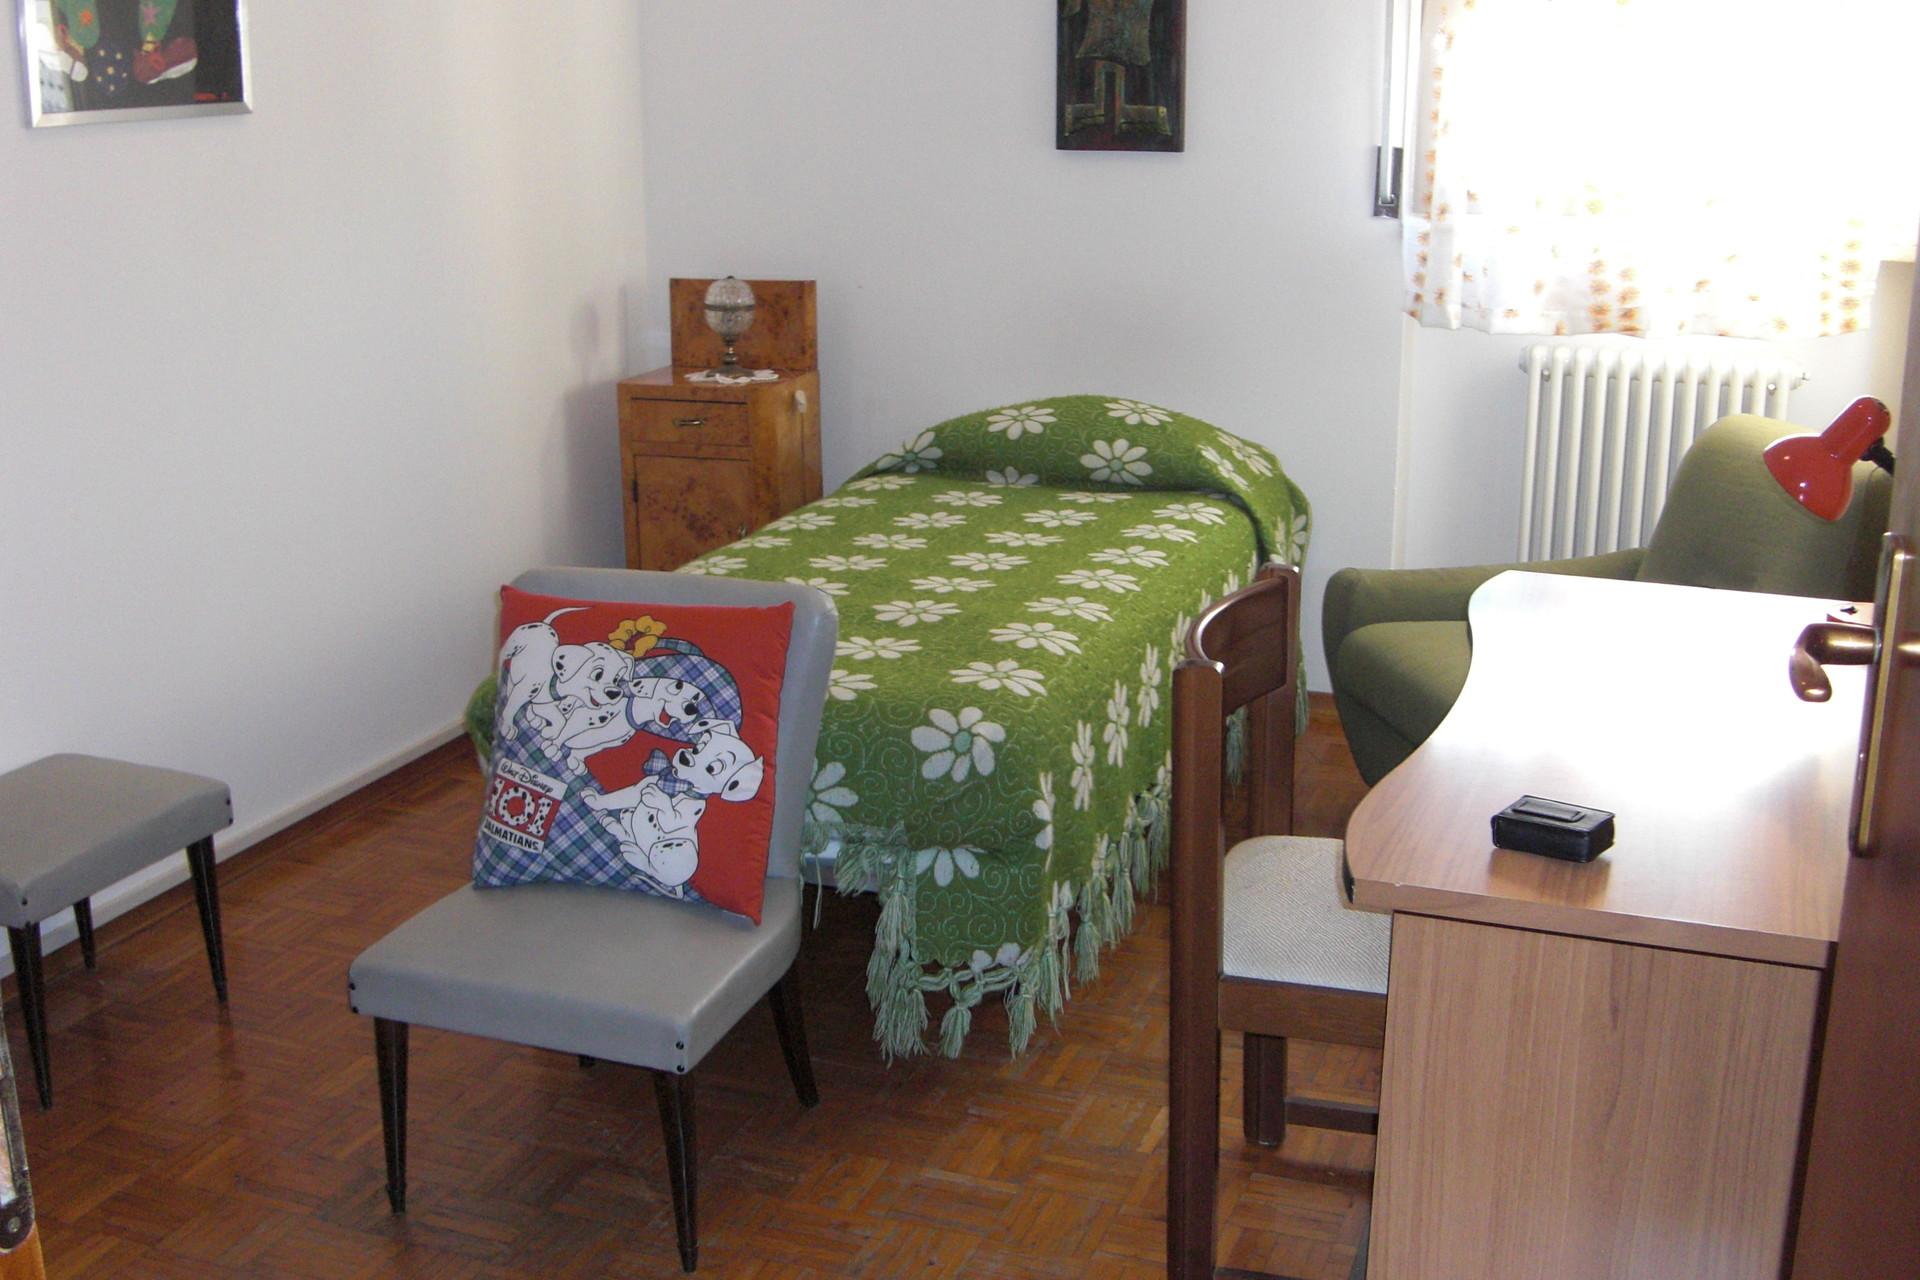 Appartamento a Forlì, zona tranquilla e verdissima a 10 minuti d